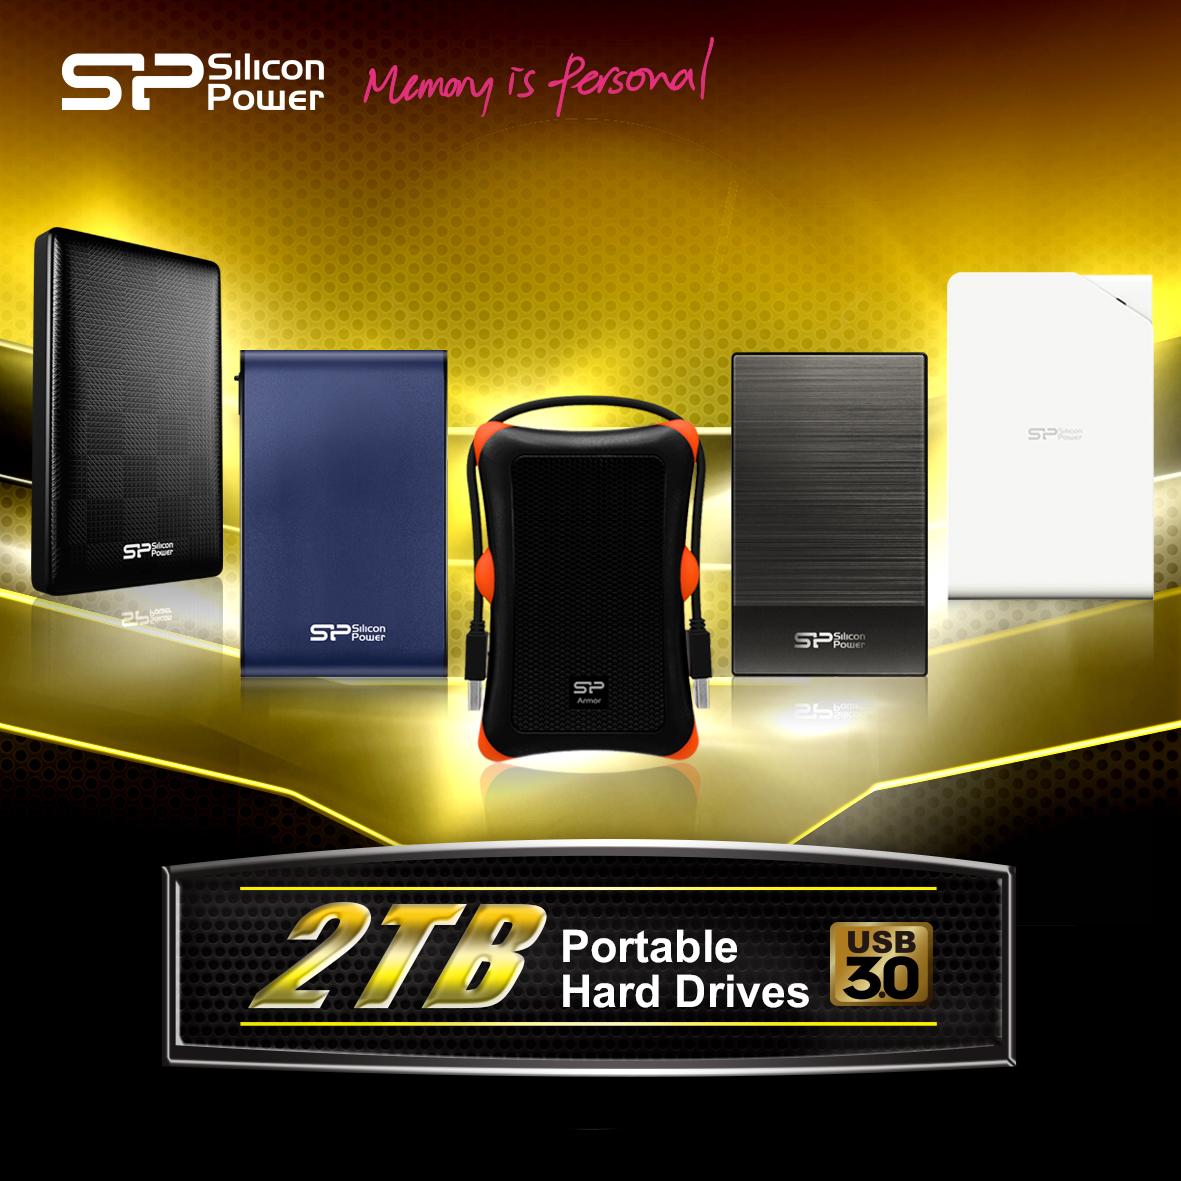 SP廣穎電通 多款2TB超大容量外接式硬碟 強悍升級-不只超量有型 勁速所向披靡